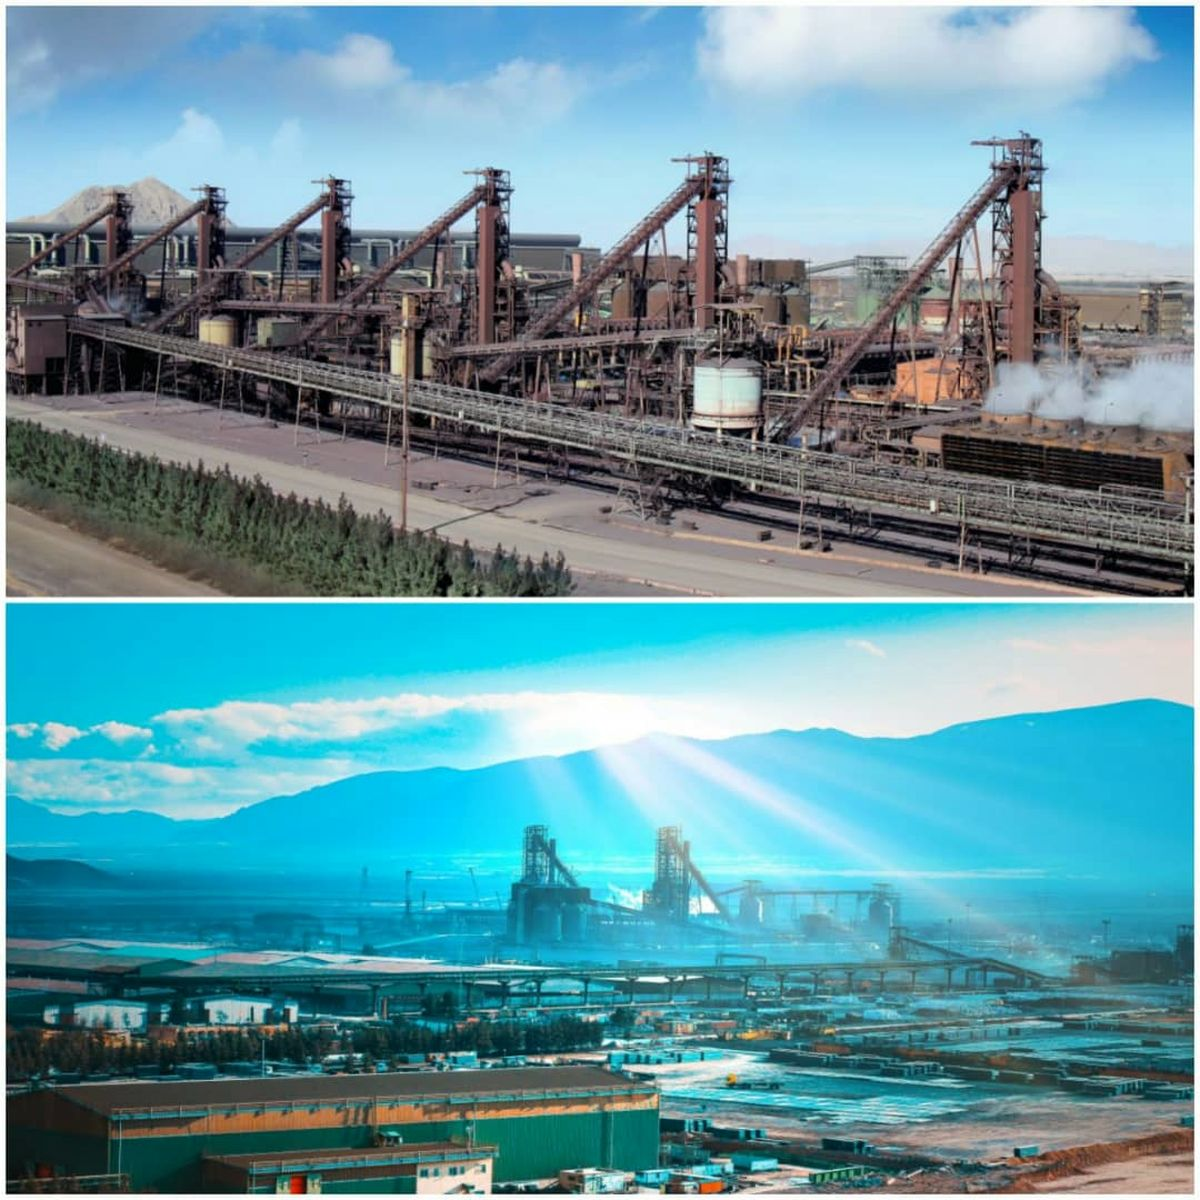 عبور از مرز تولید روزانه ۲۵ هزار تن آهن اسفنجی در شرکت فولادمبارکه